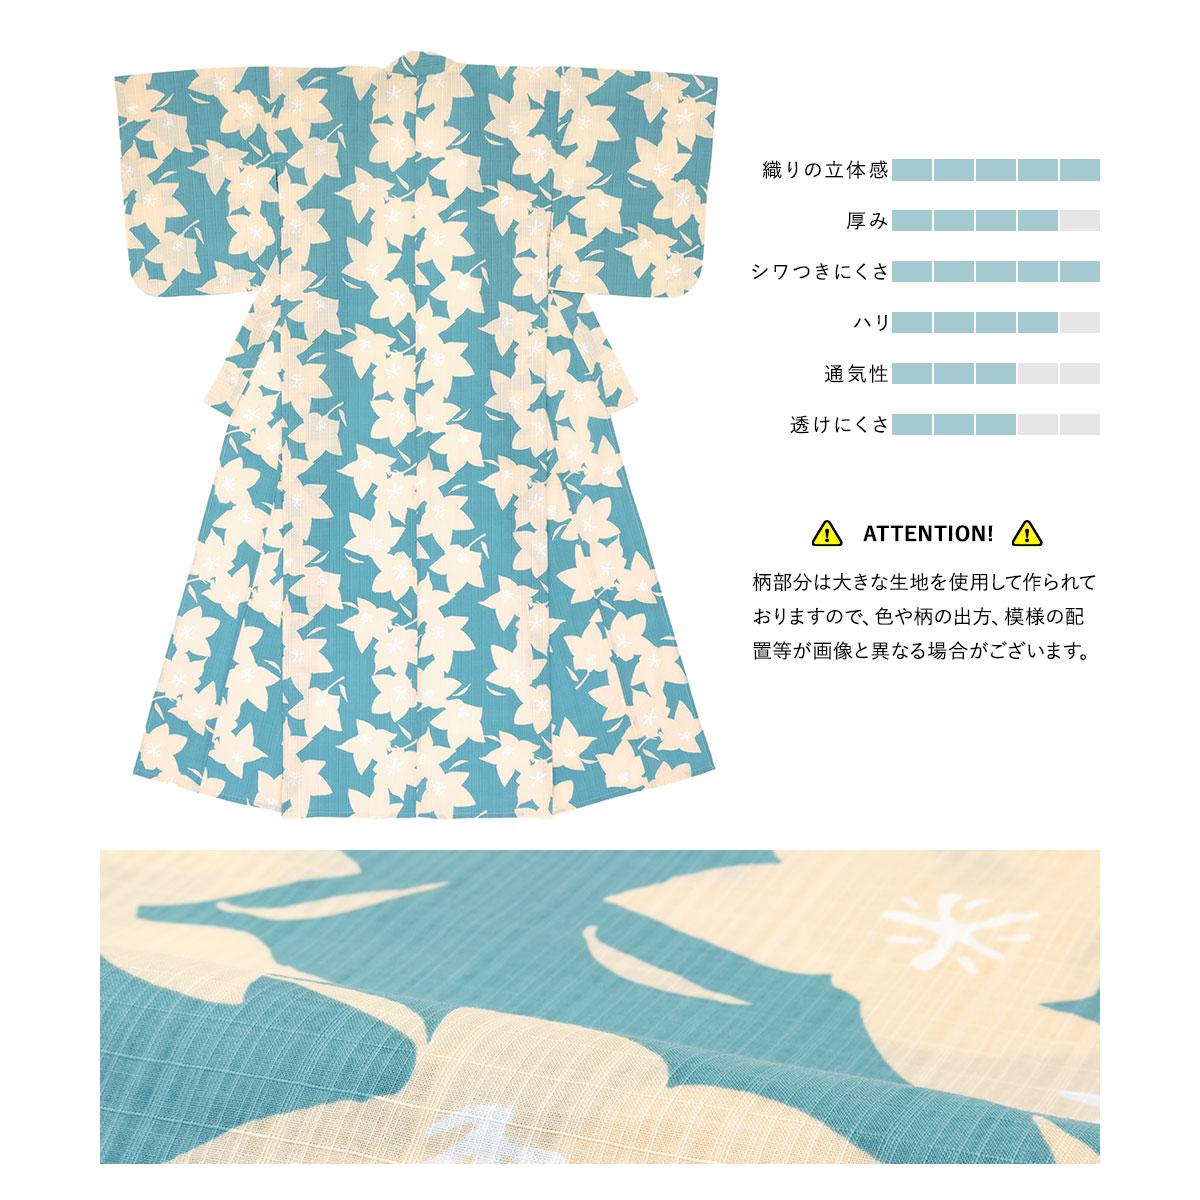 moika 浴衣 セット レディース 浴衣セット Mサイズ レトロ 青磁色 セイジ 桔梗 花 フラワー 衿芯付き 女性用 仕立てCeEBoQxrdW